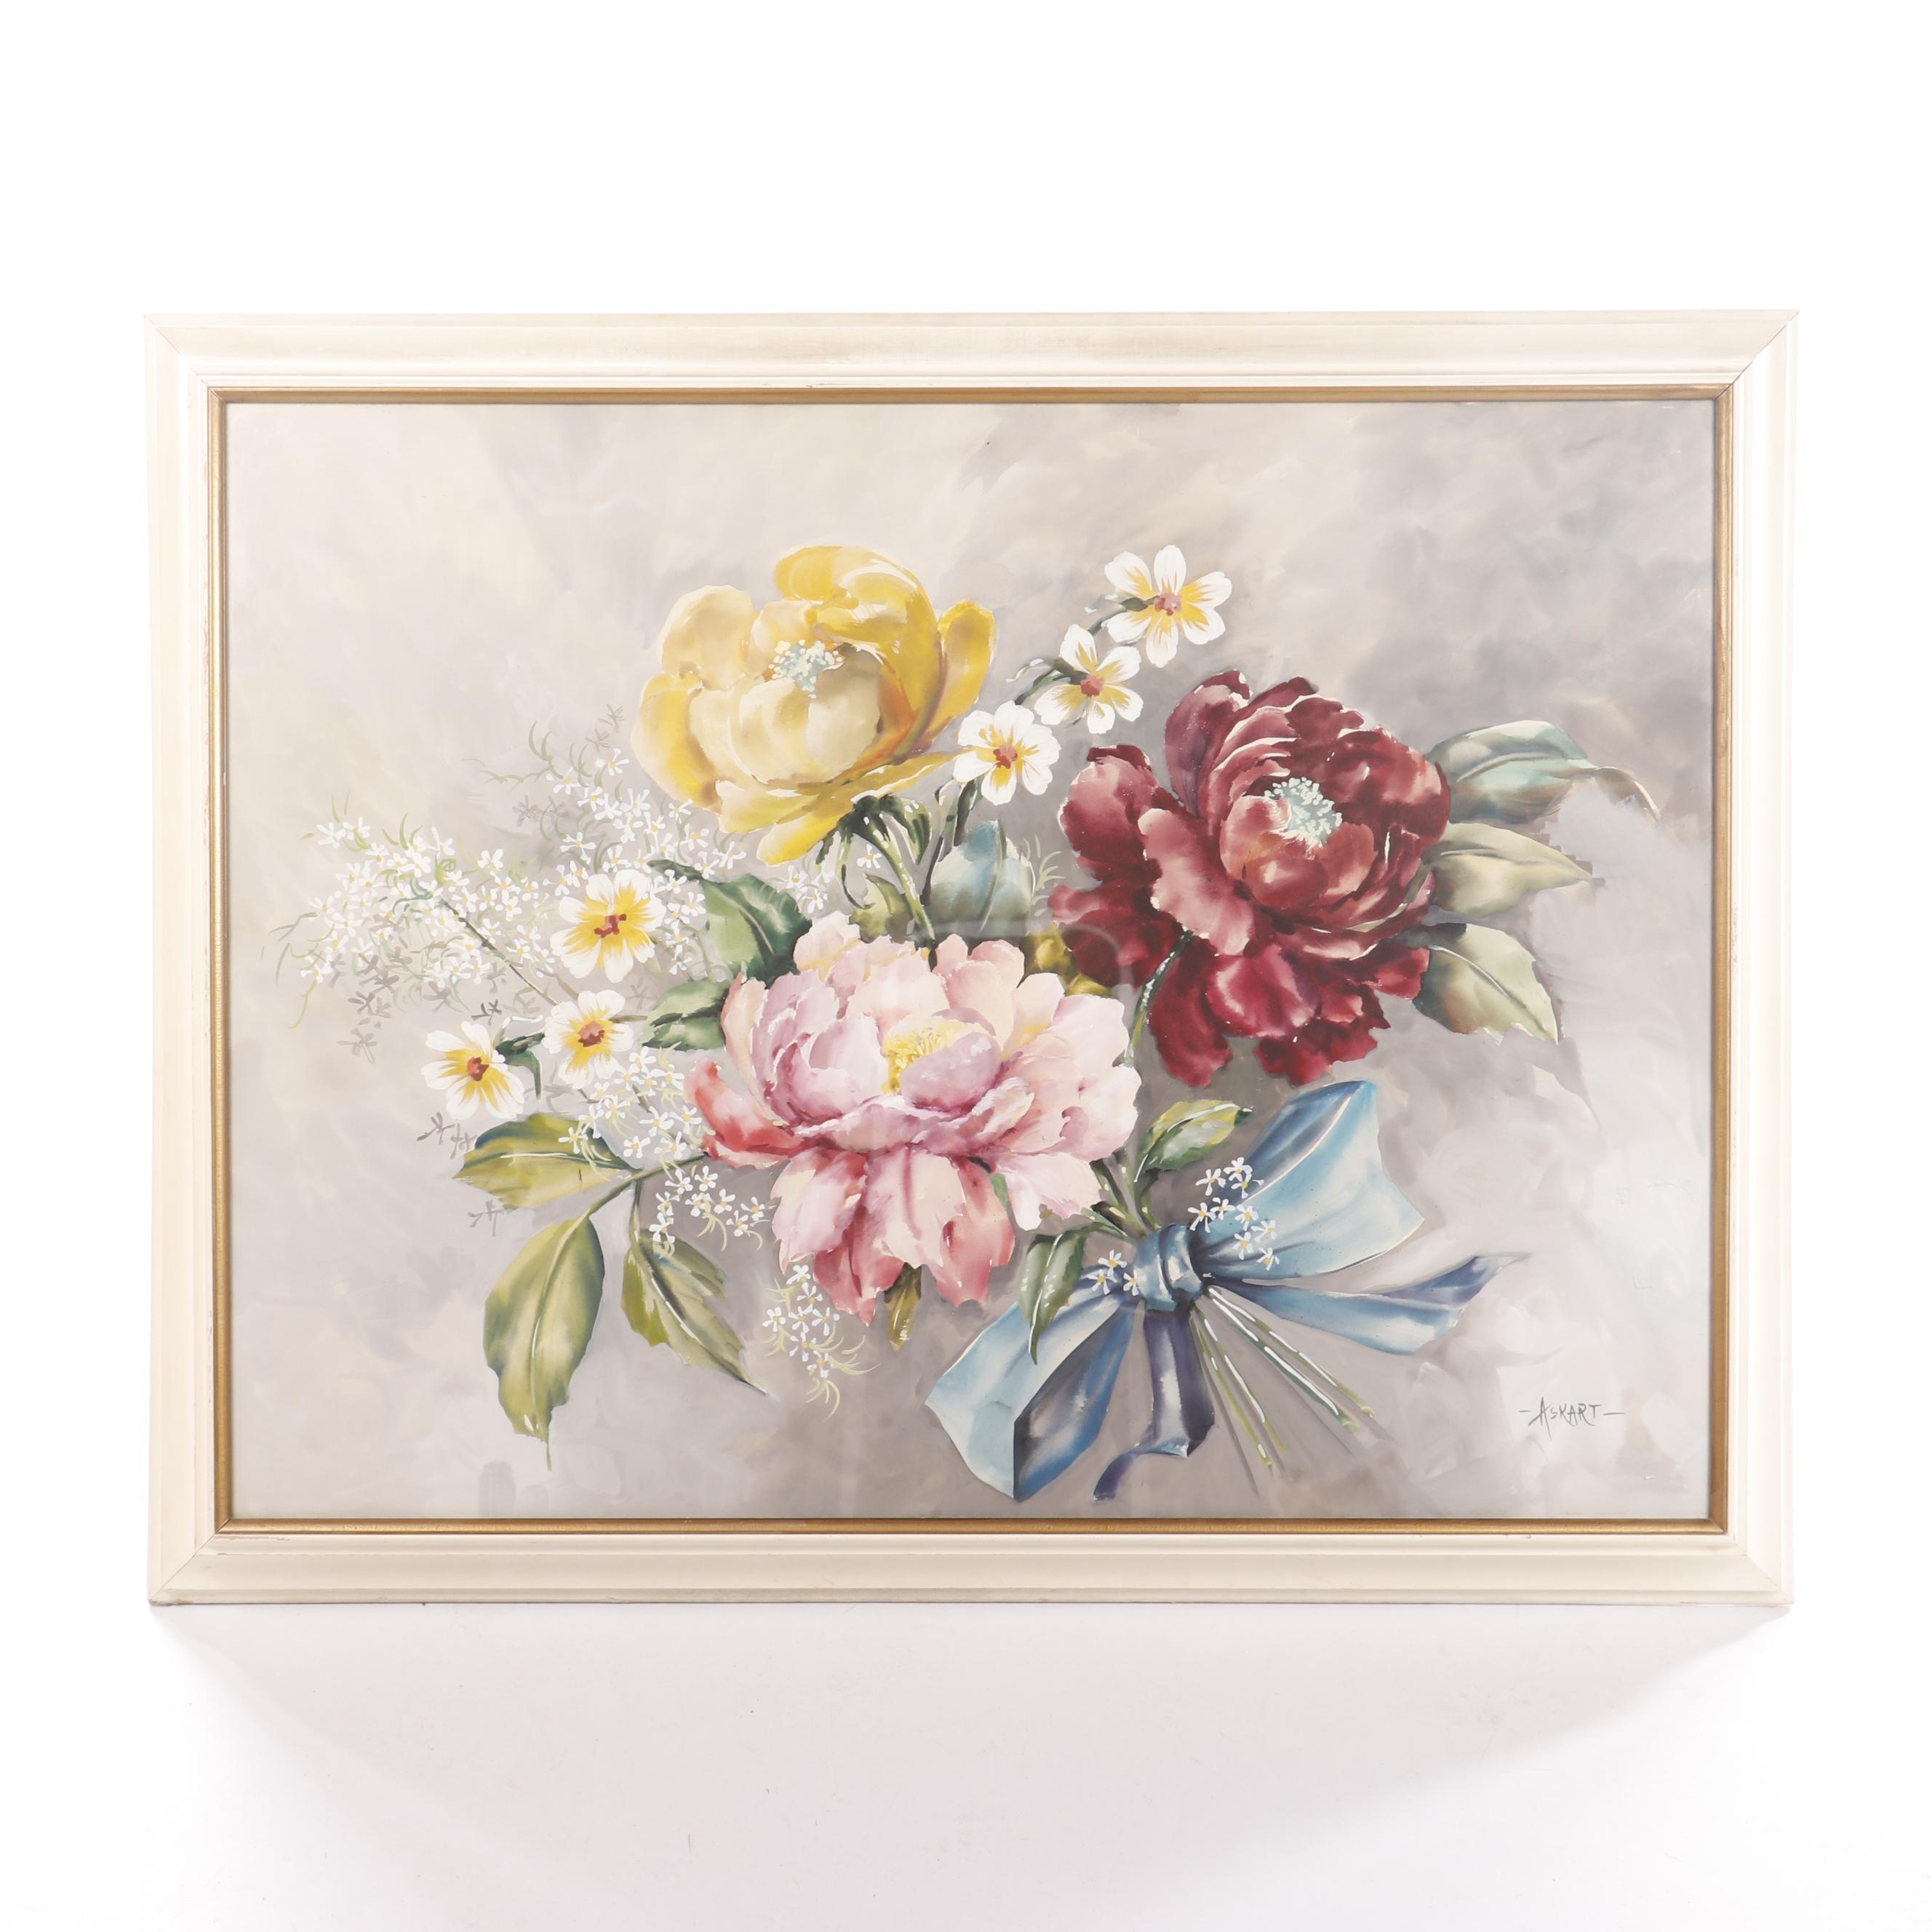 Askart Floral Gouache Painting